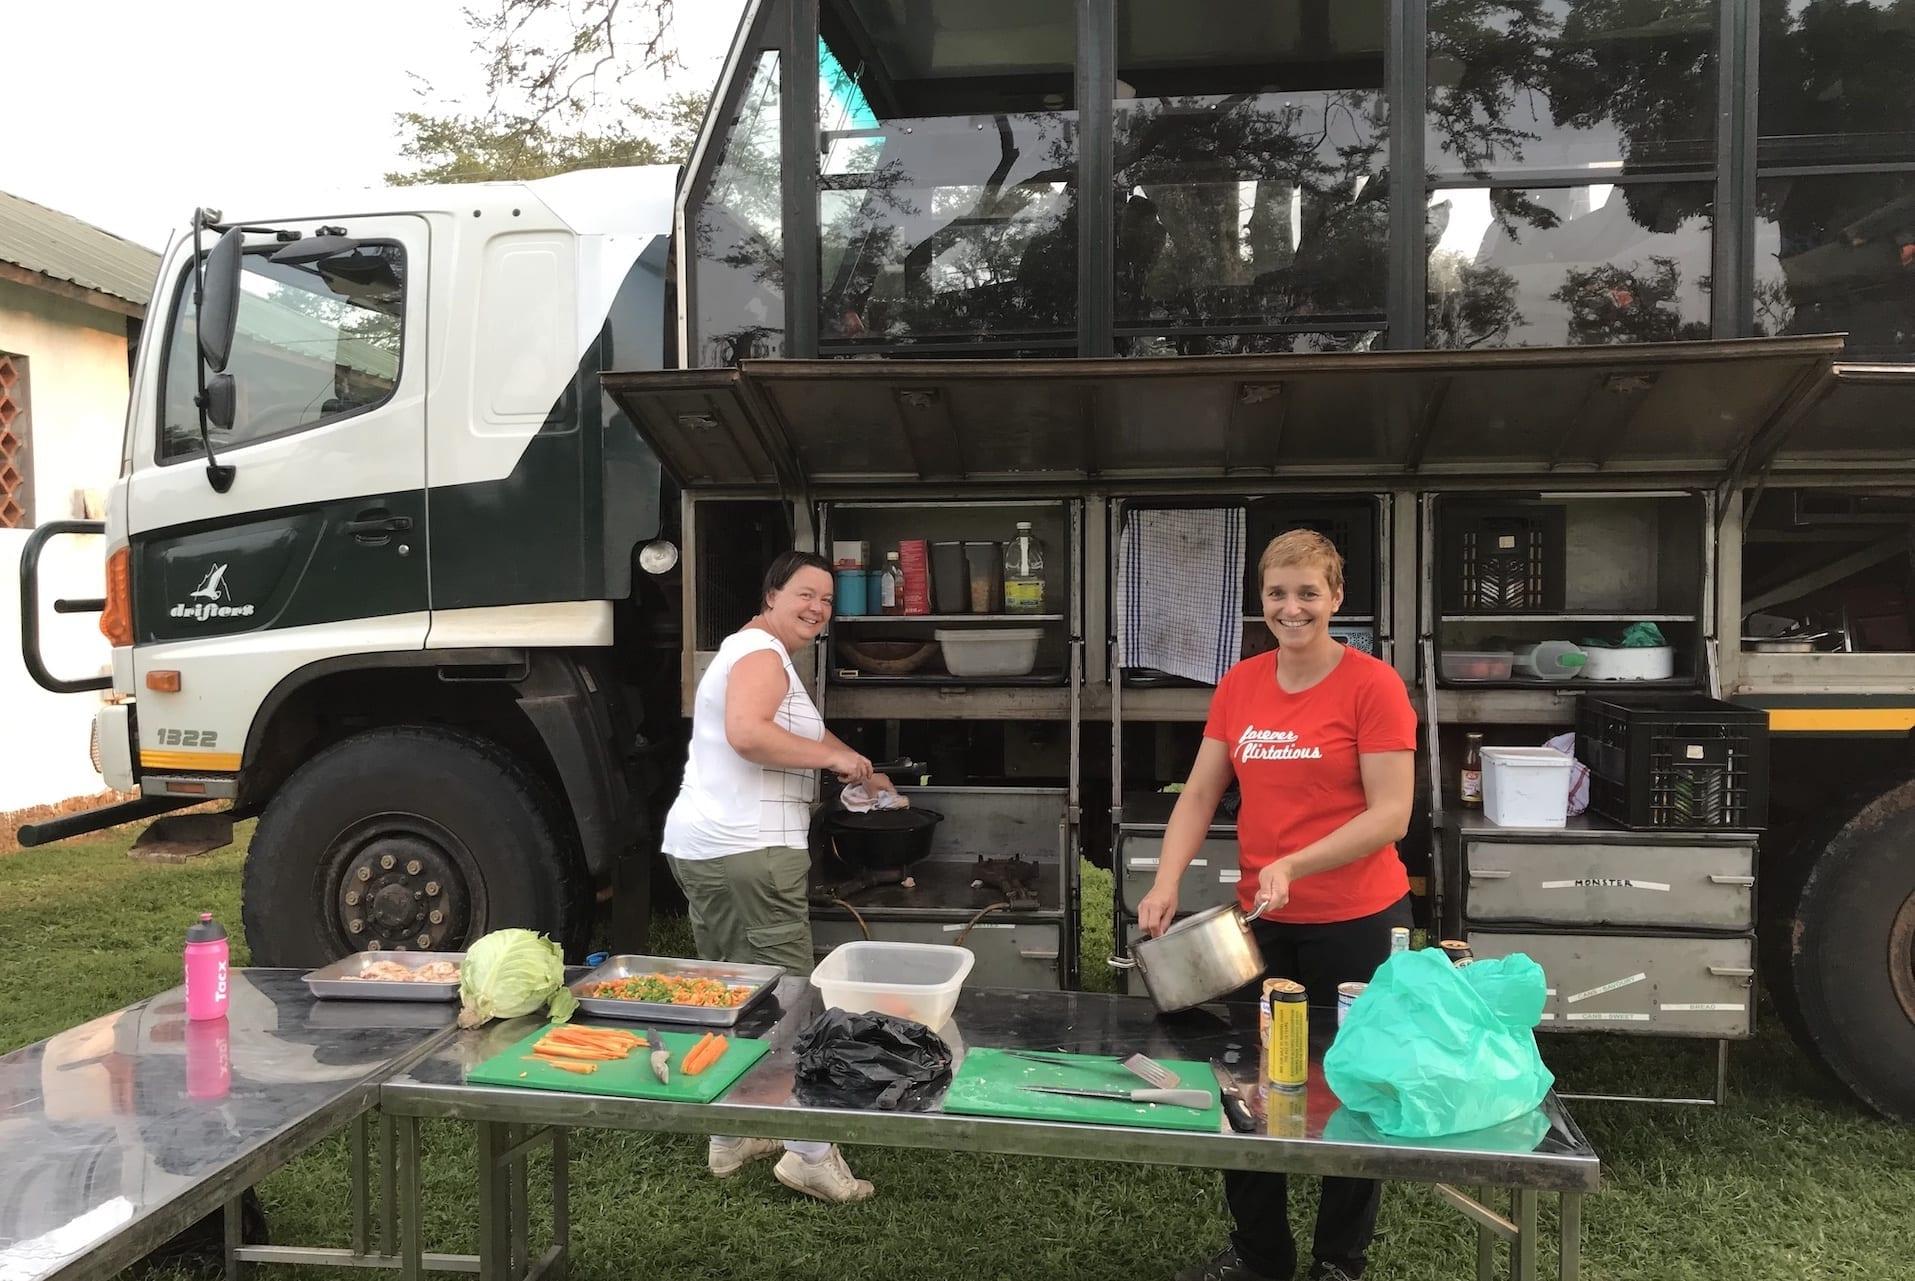 Eten koken tijdens een campingreis